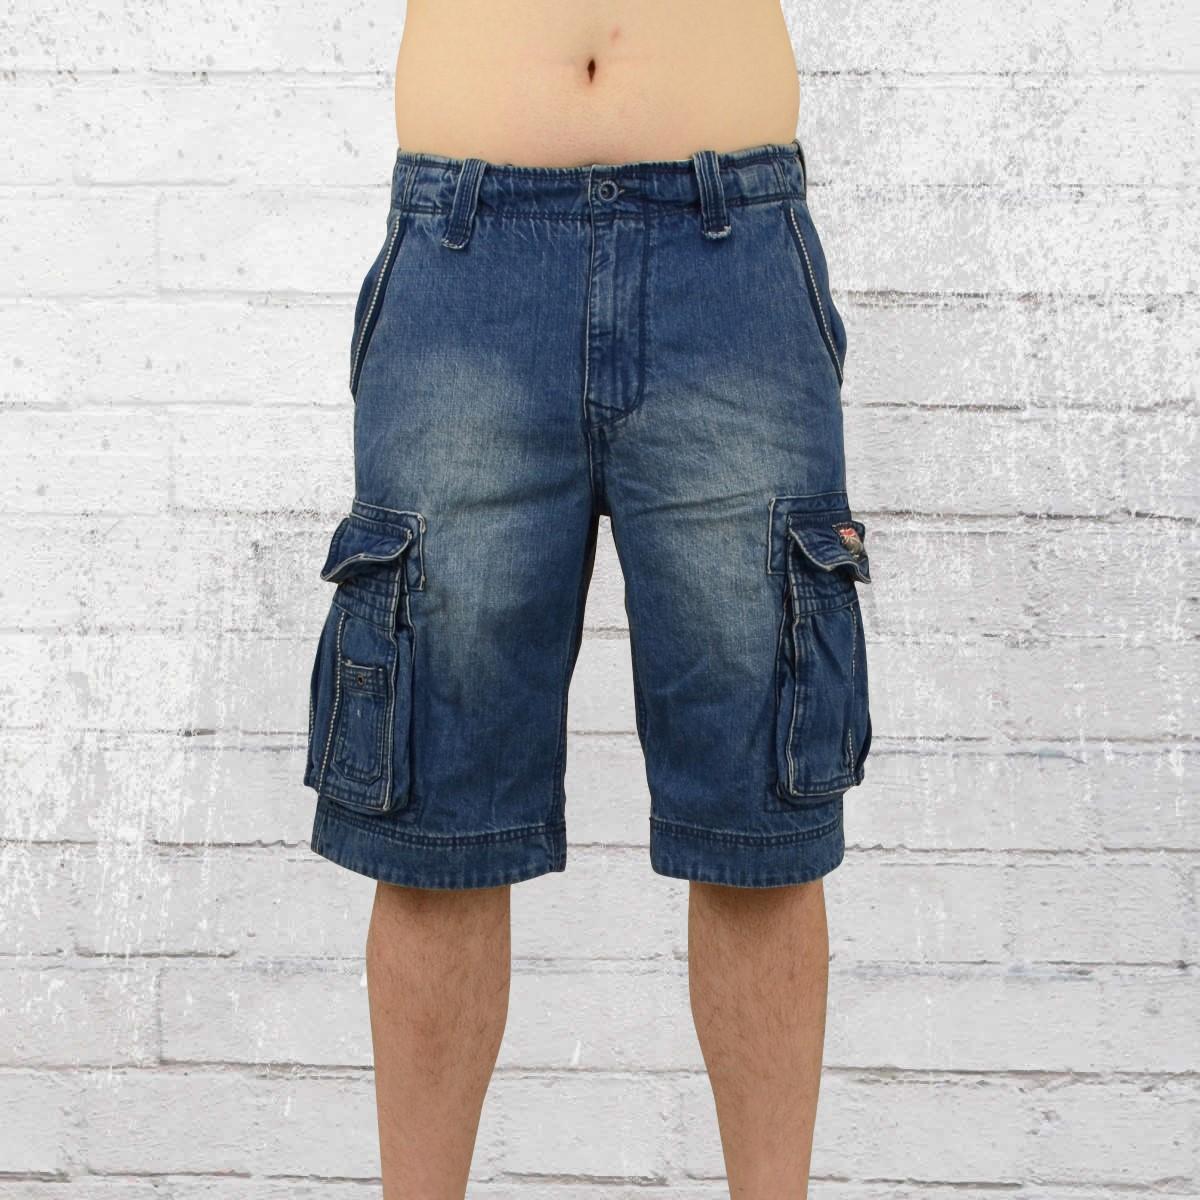 e9fd01096b Order now | Jet Lag Men Cargo Jeans Short Take Off 8 blue